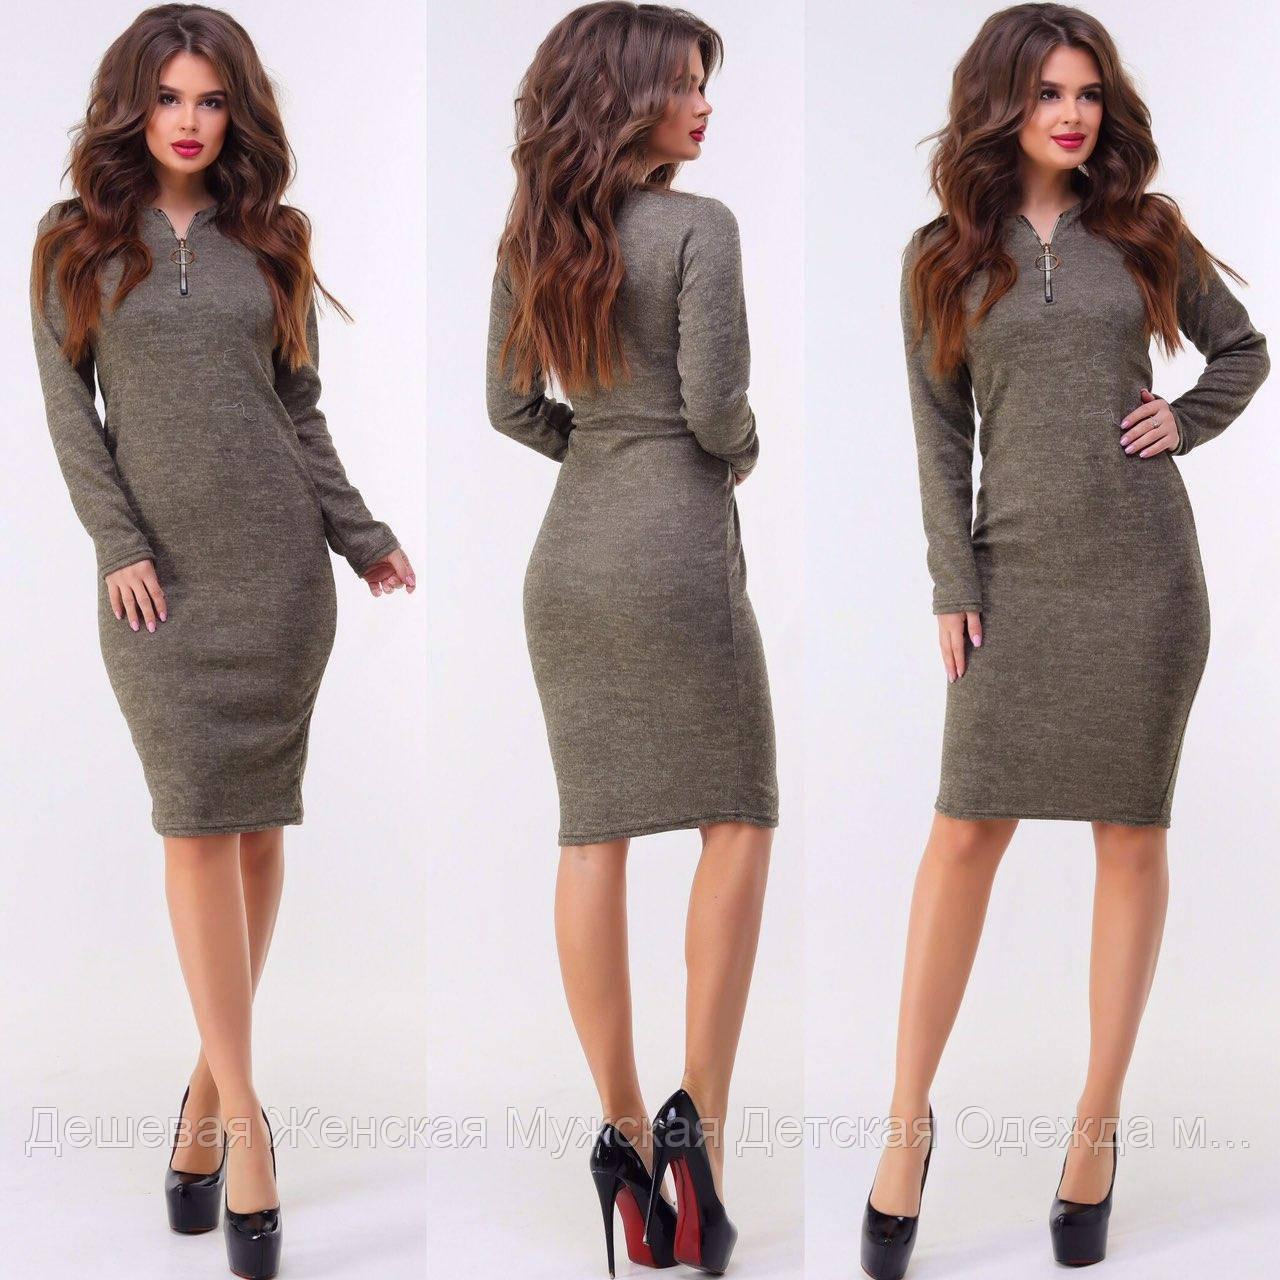 Платье женское ангора софт 42-44-46-48